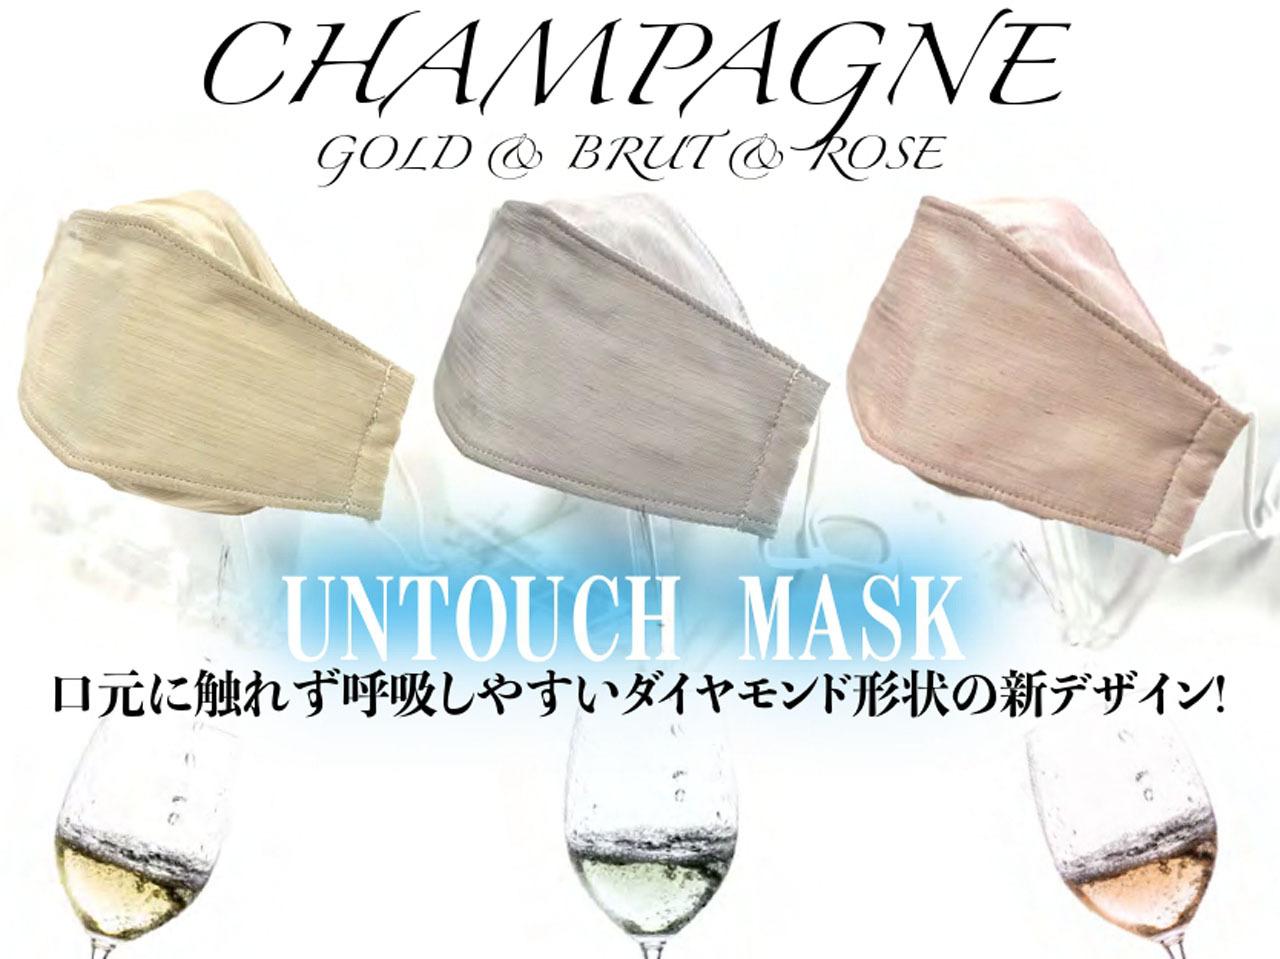 あの大人気素材が3D立体マスクにモデルチェンジして新登場!!